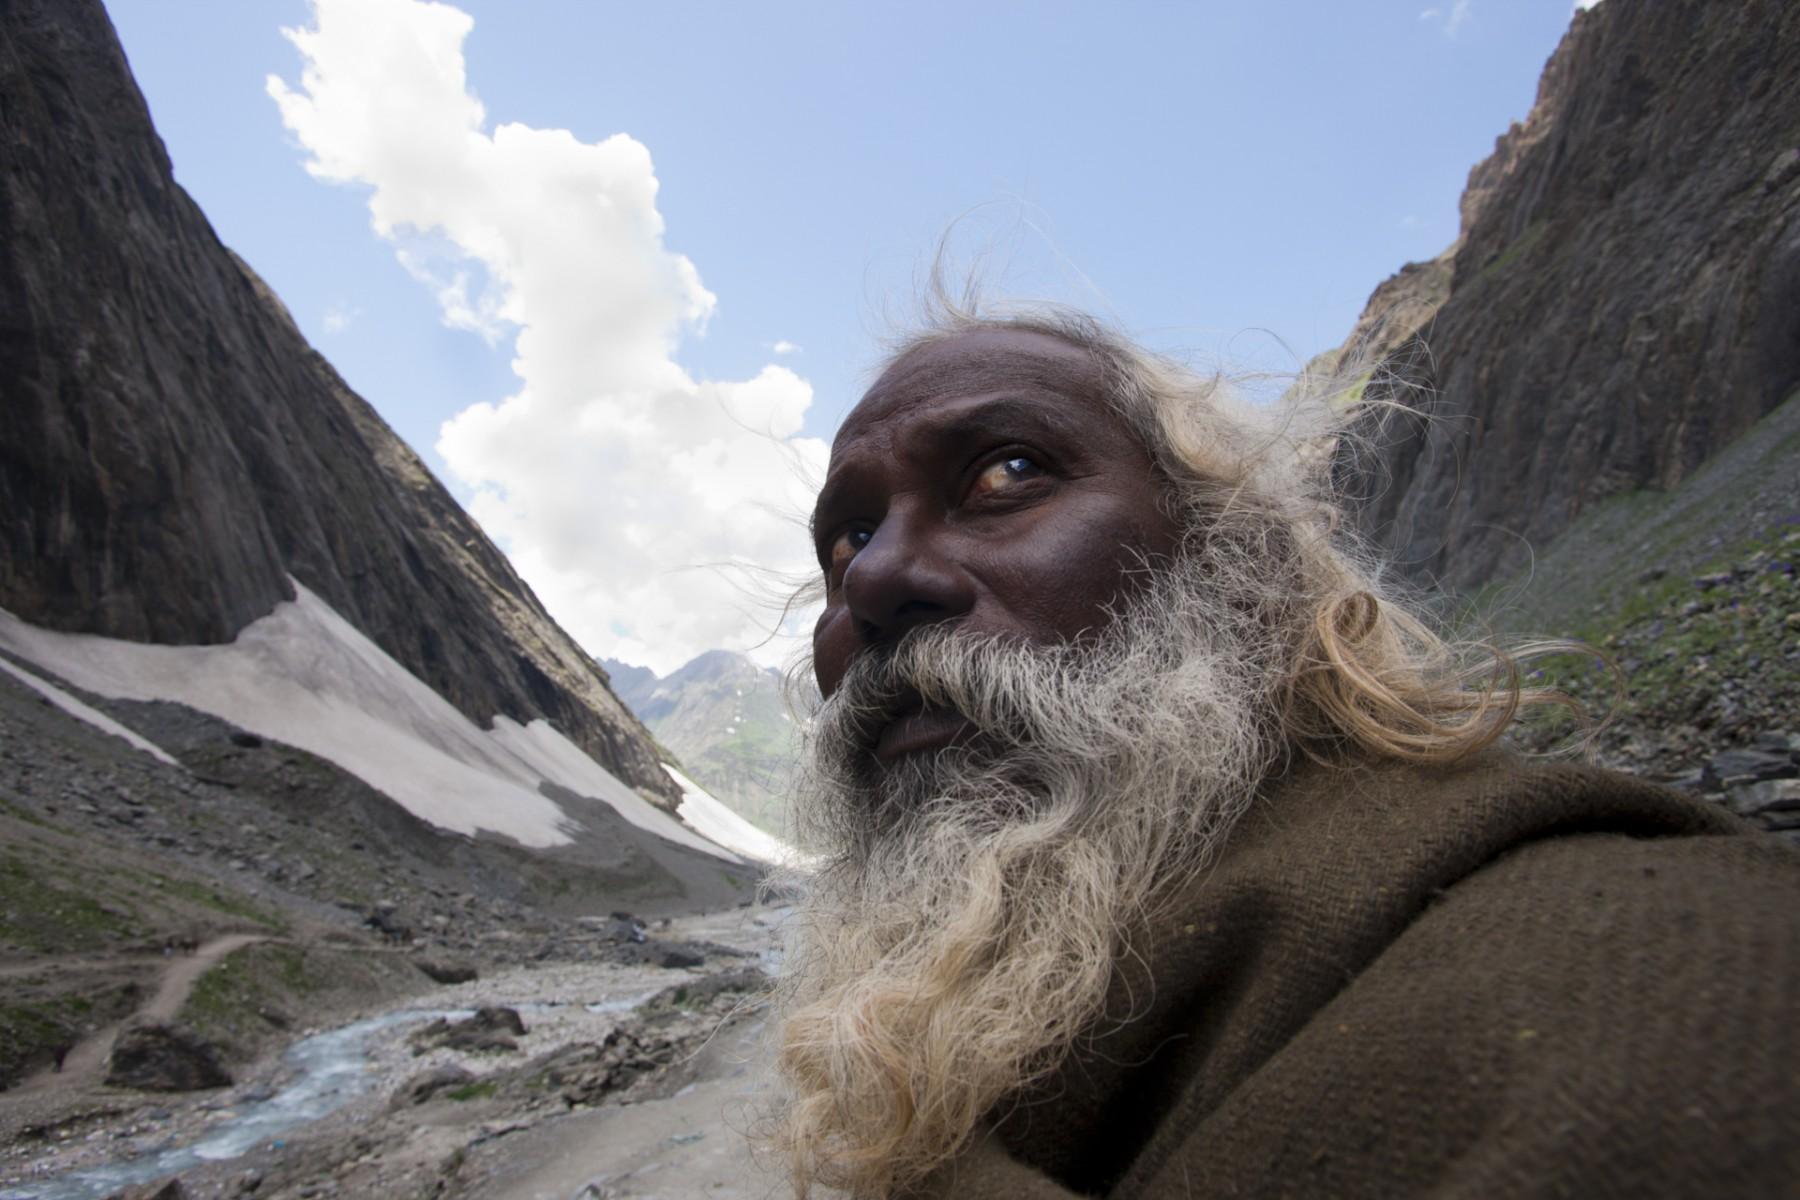 Lakhshman Puri